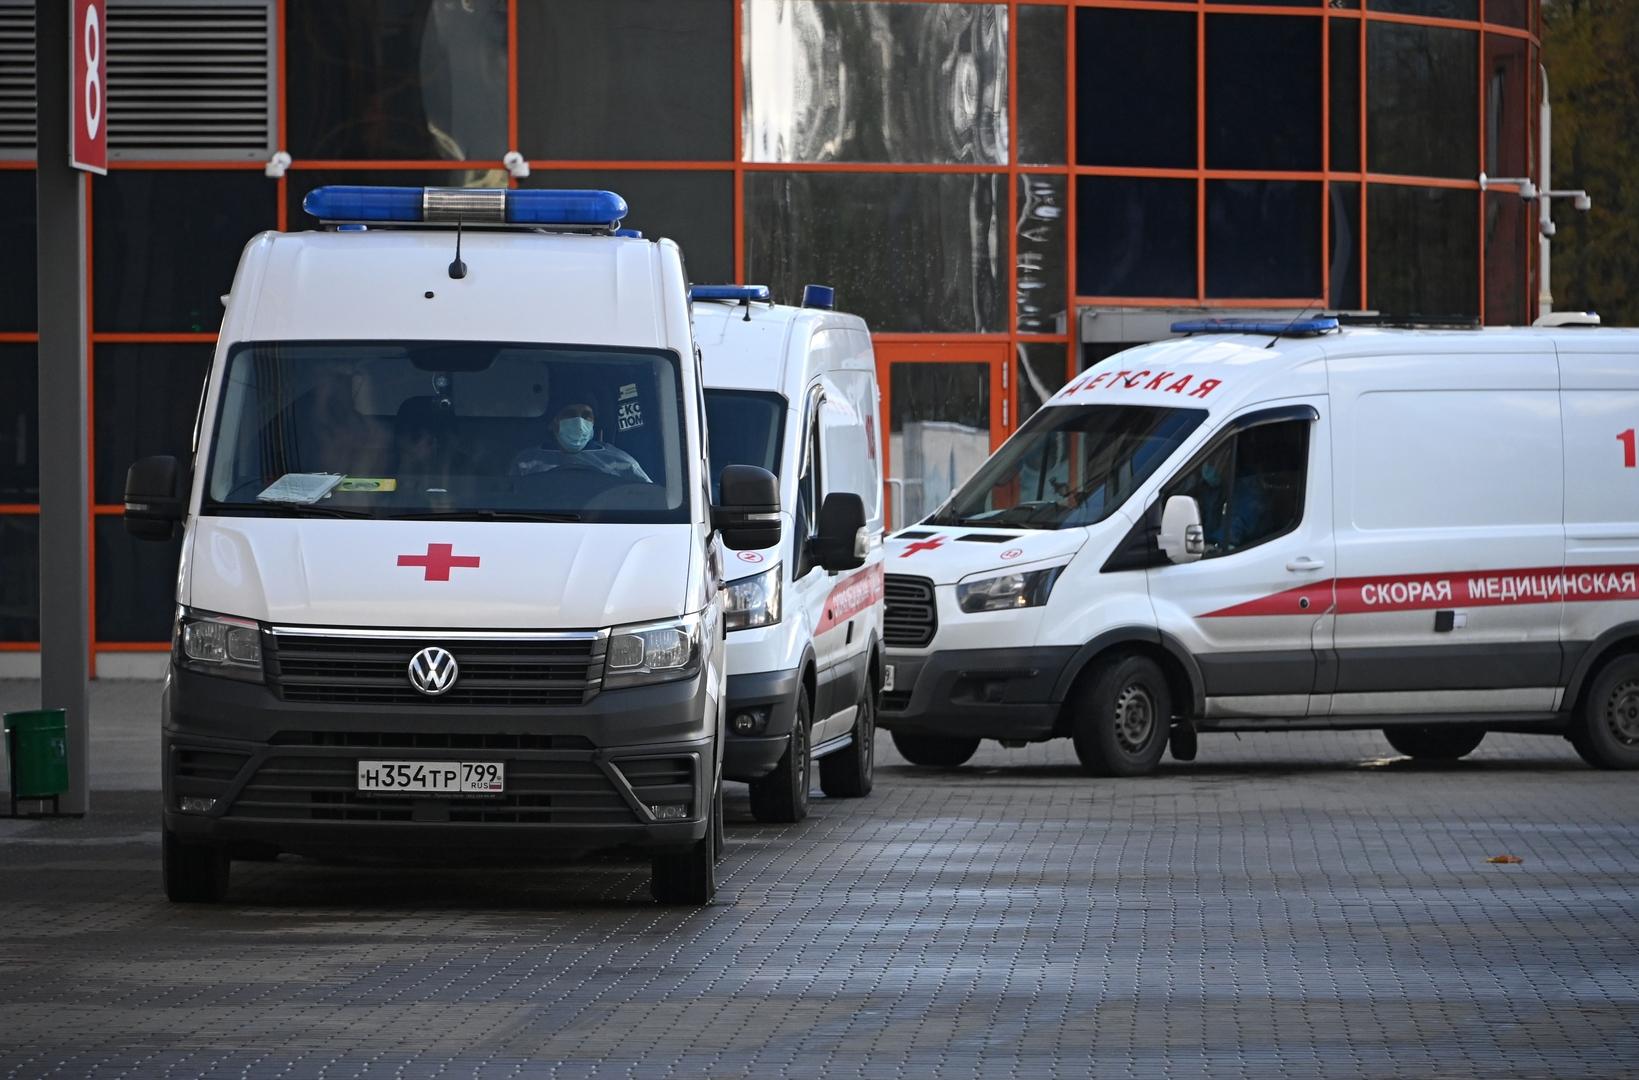 سيارات إسعاف أمام مستشفى لعلاج المصابين بفيروس كورونا في موسكو.